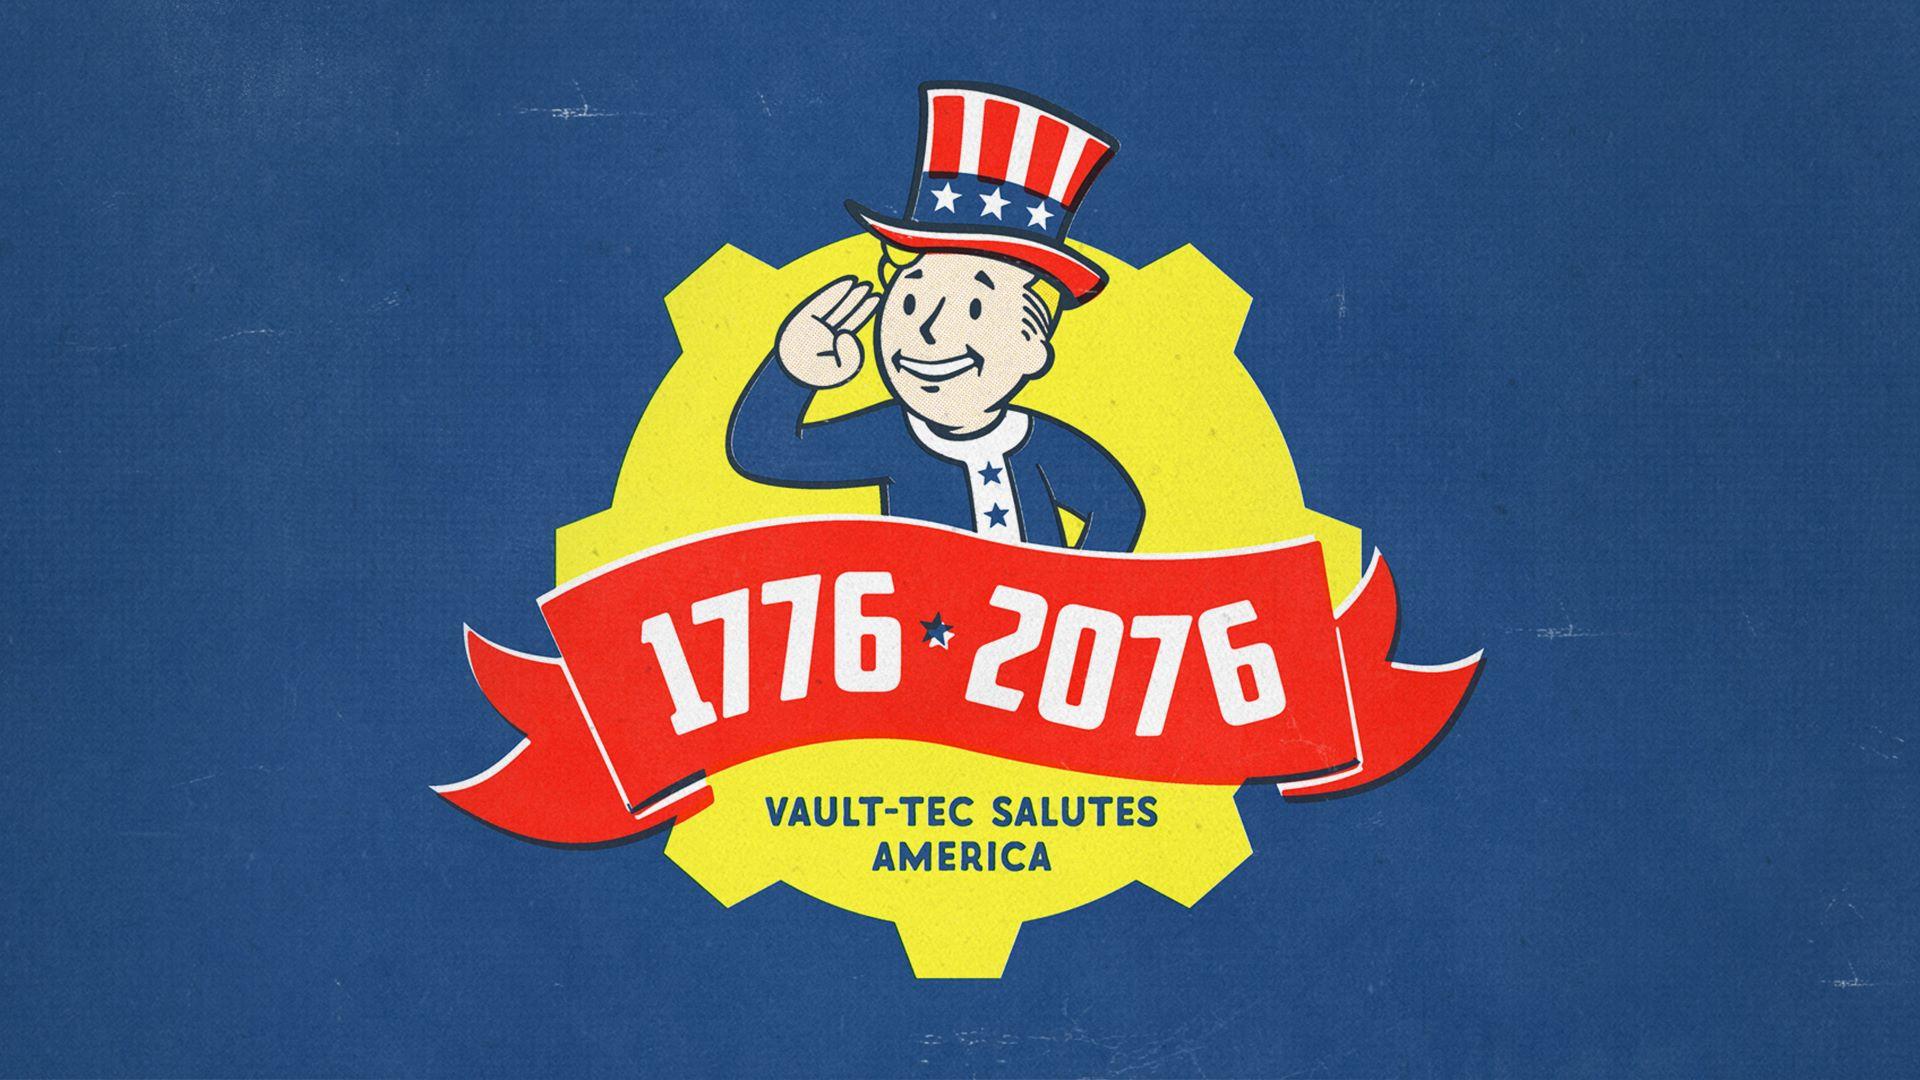 Le Vault Boy avec l'inscription 1776-2076 dessous.